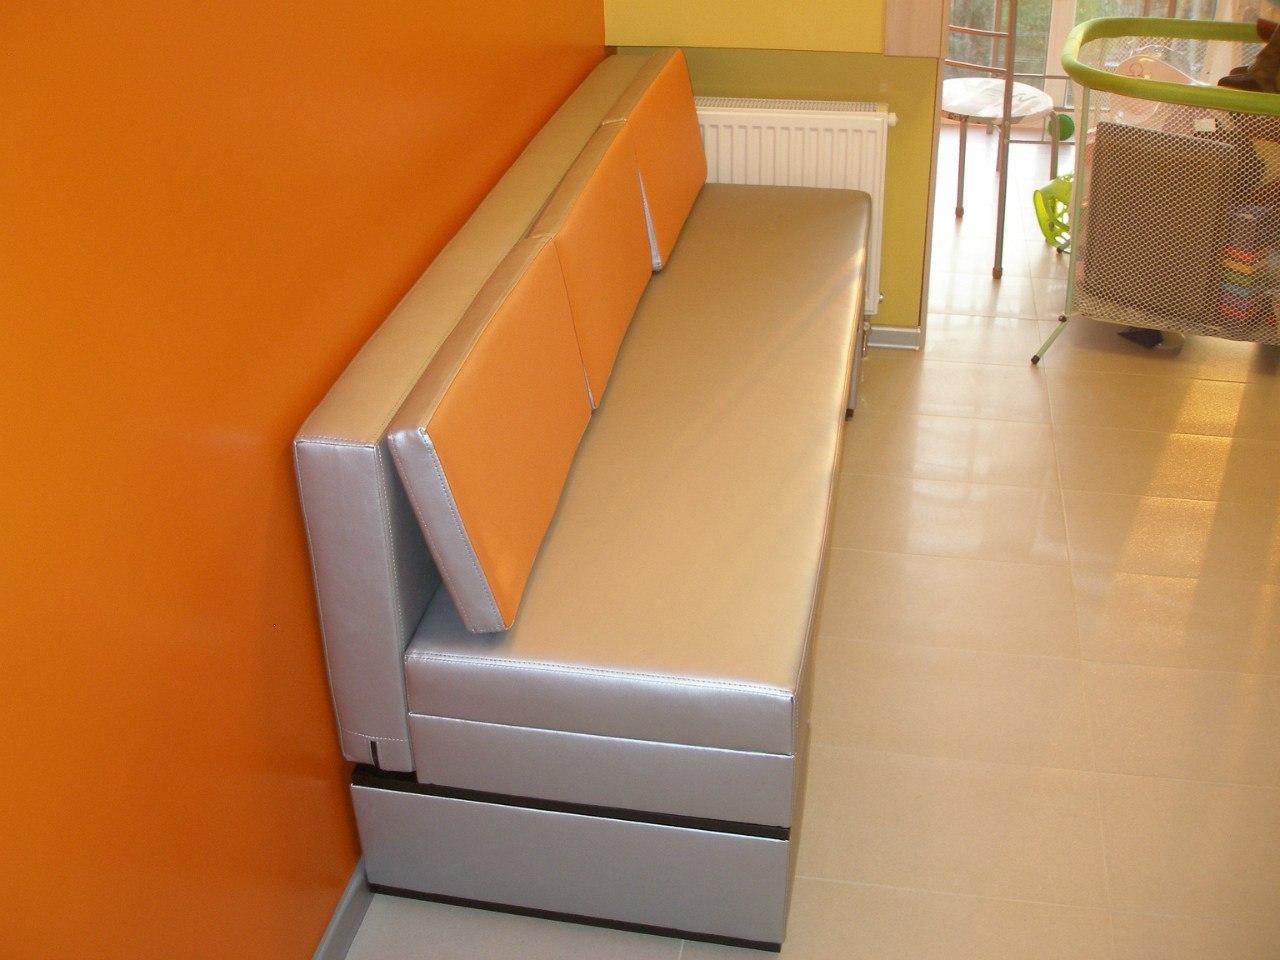 Кухонный диван 2013 раскладной купить, киев, цена, фото.